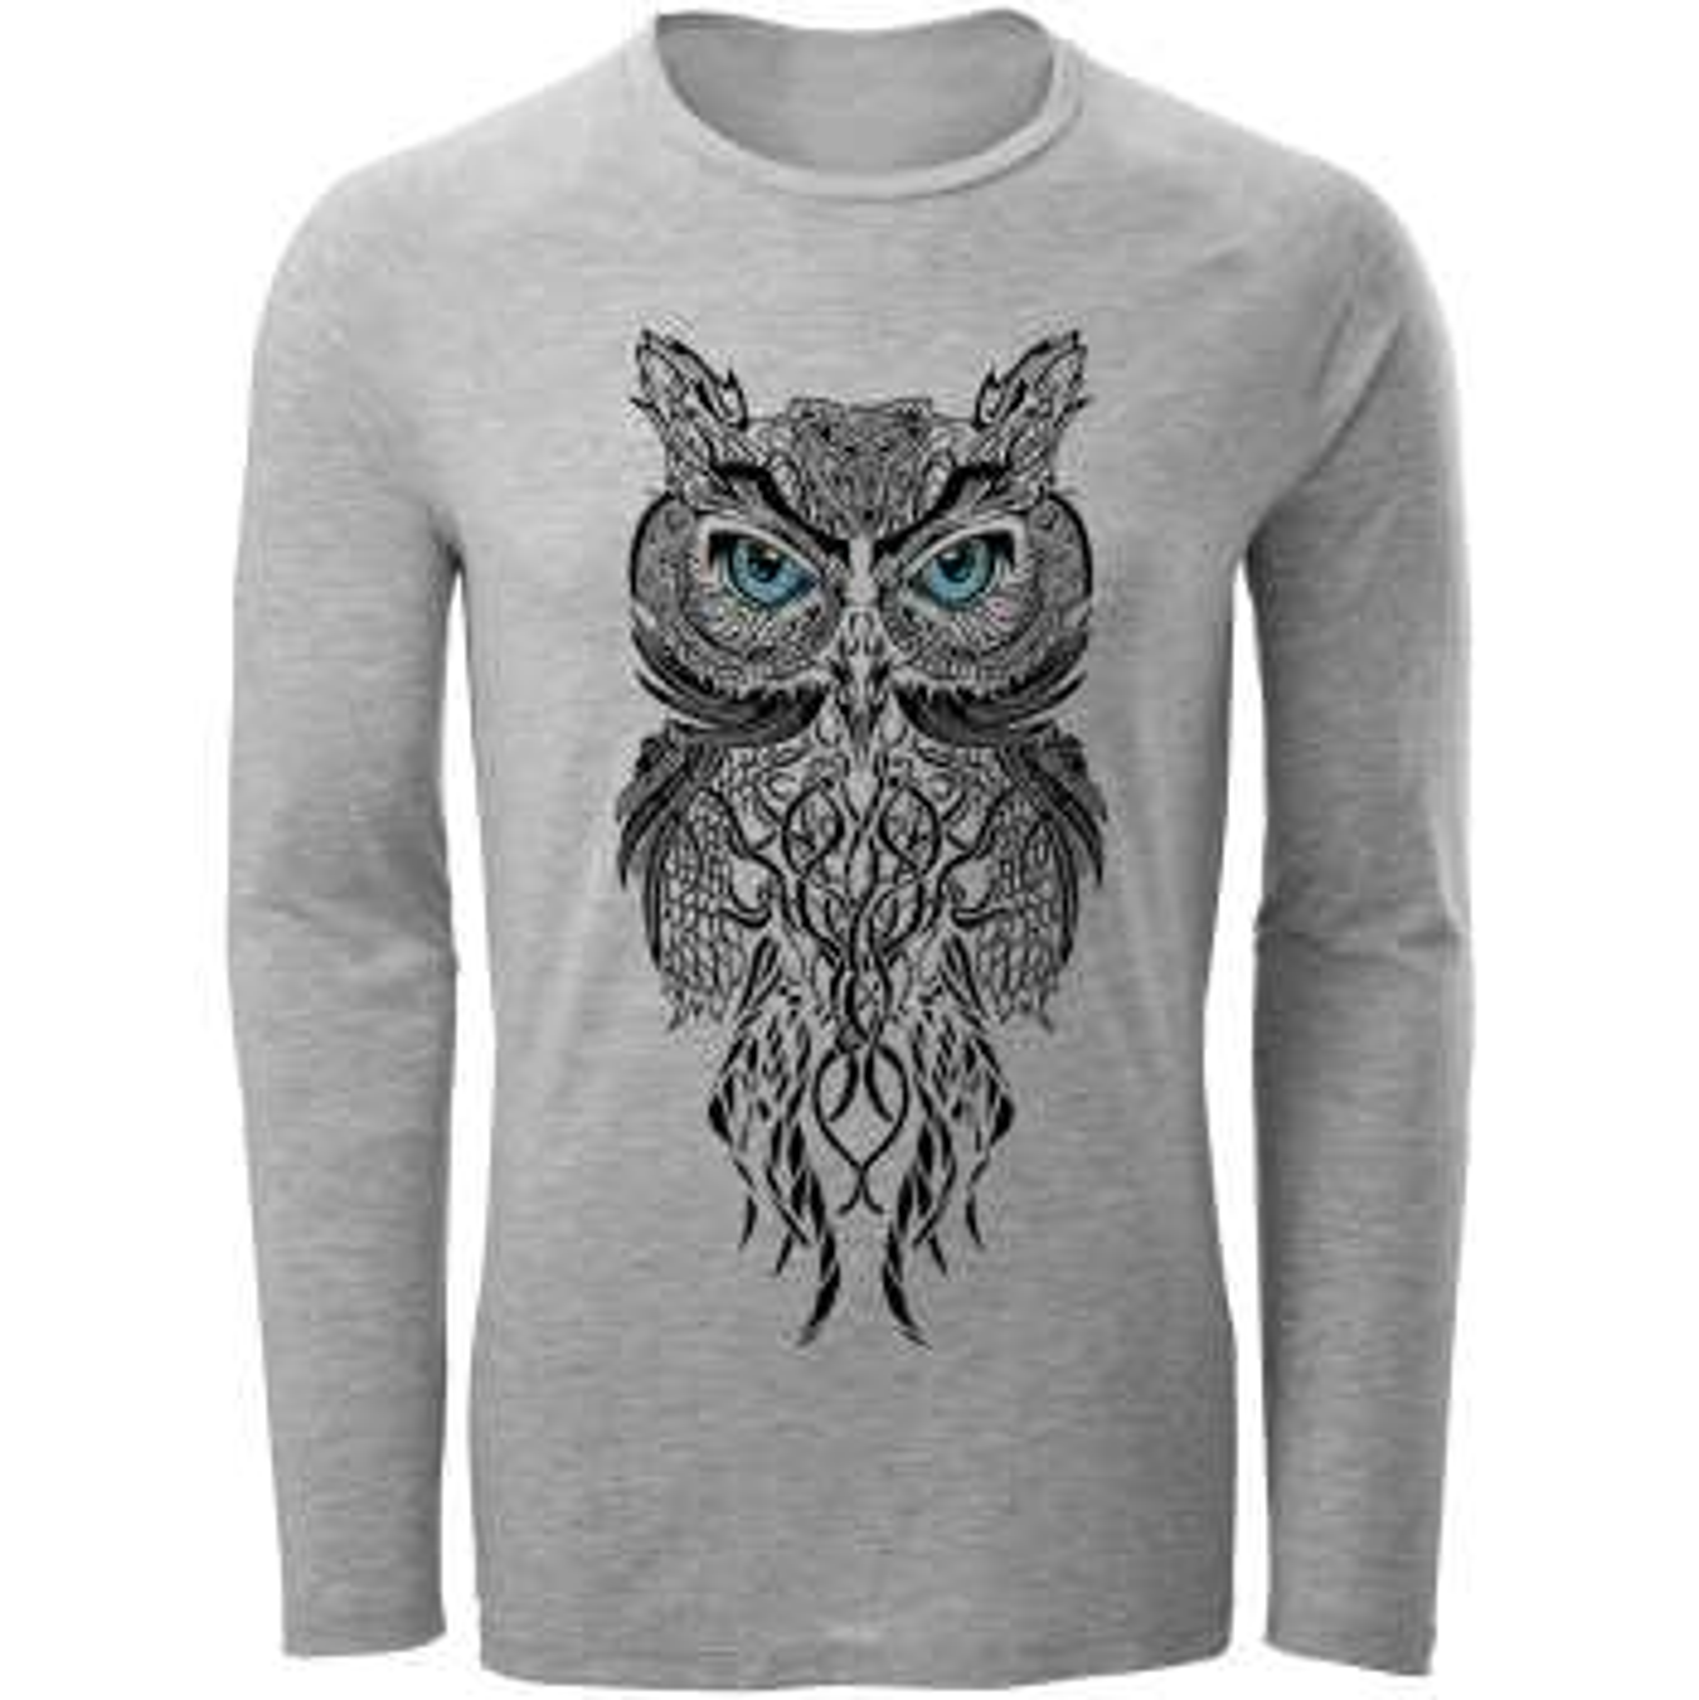 تیشرت آستین بلند مردانه مدل owl کد A32